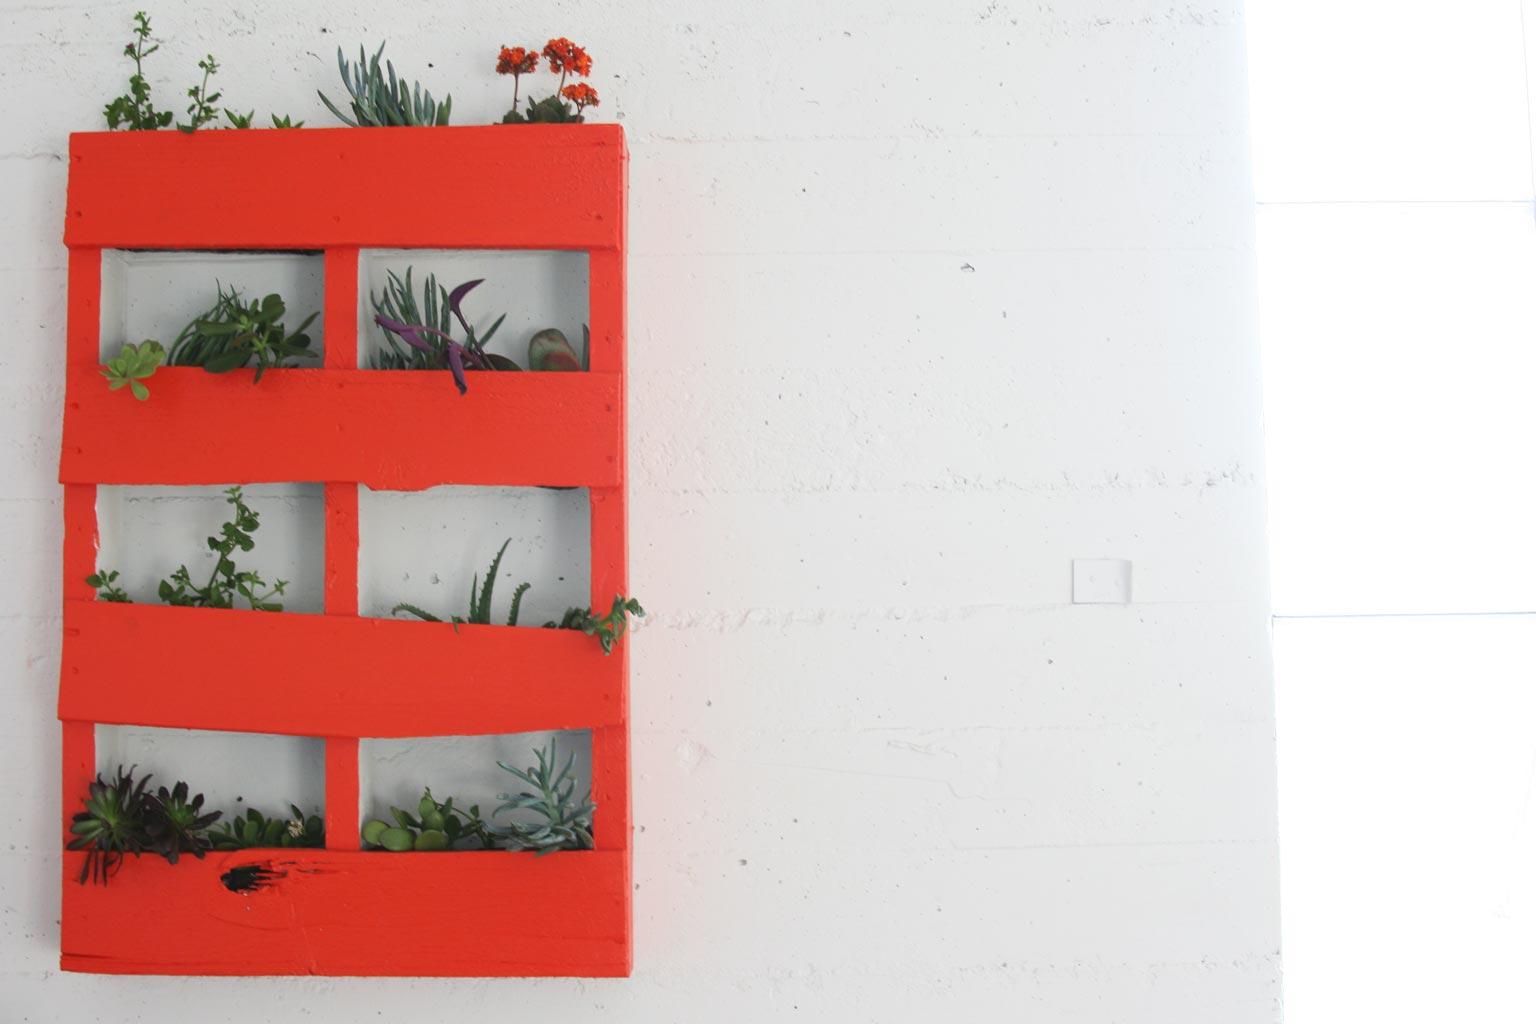 palette-planter_2243